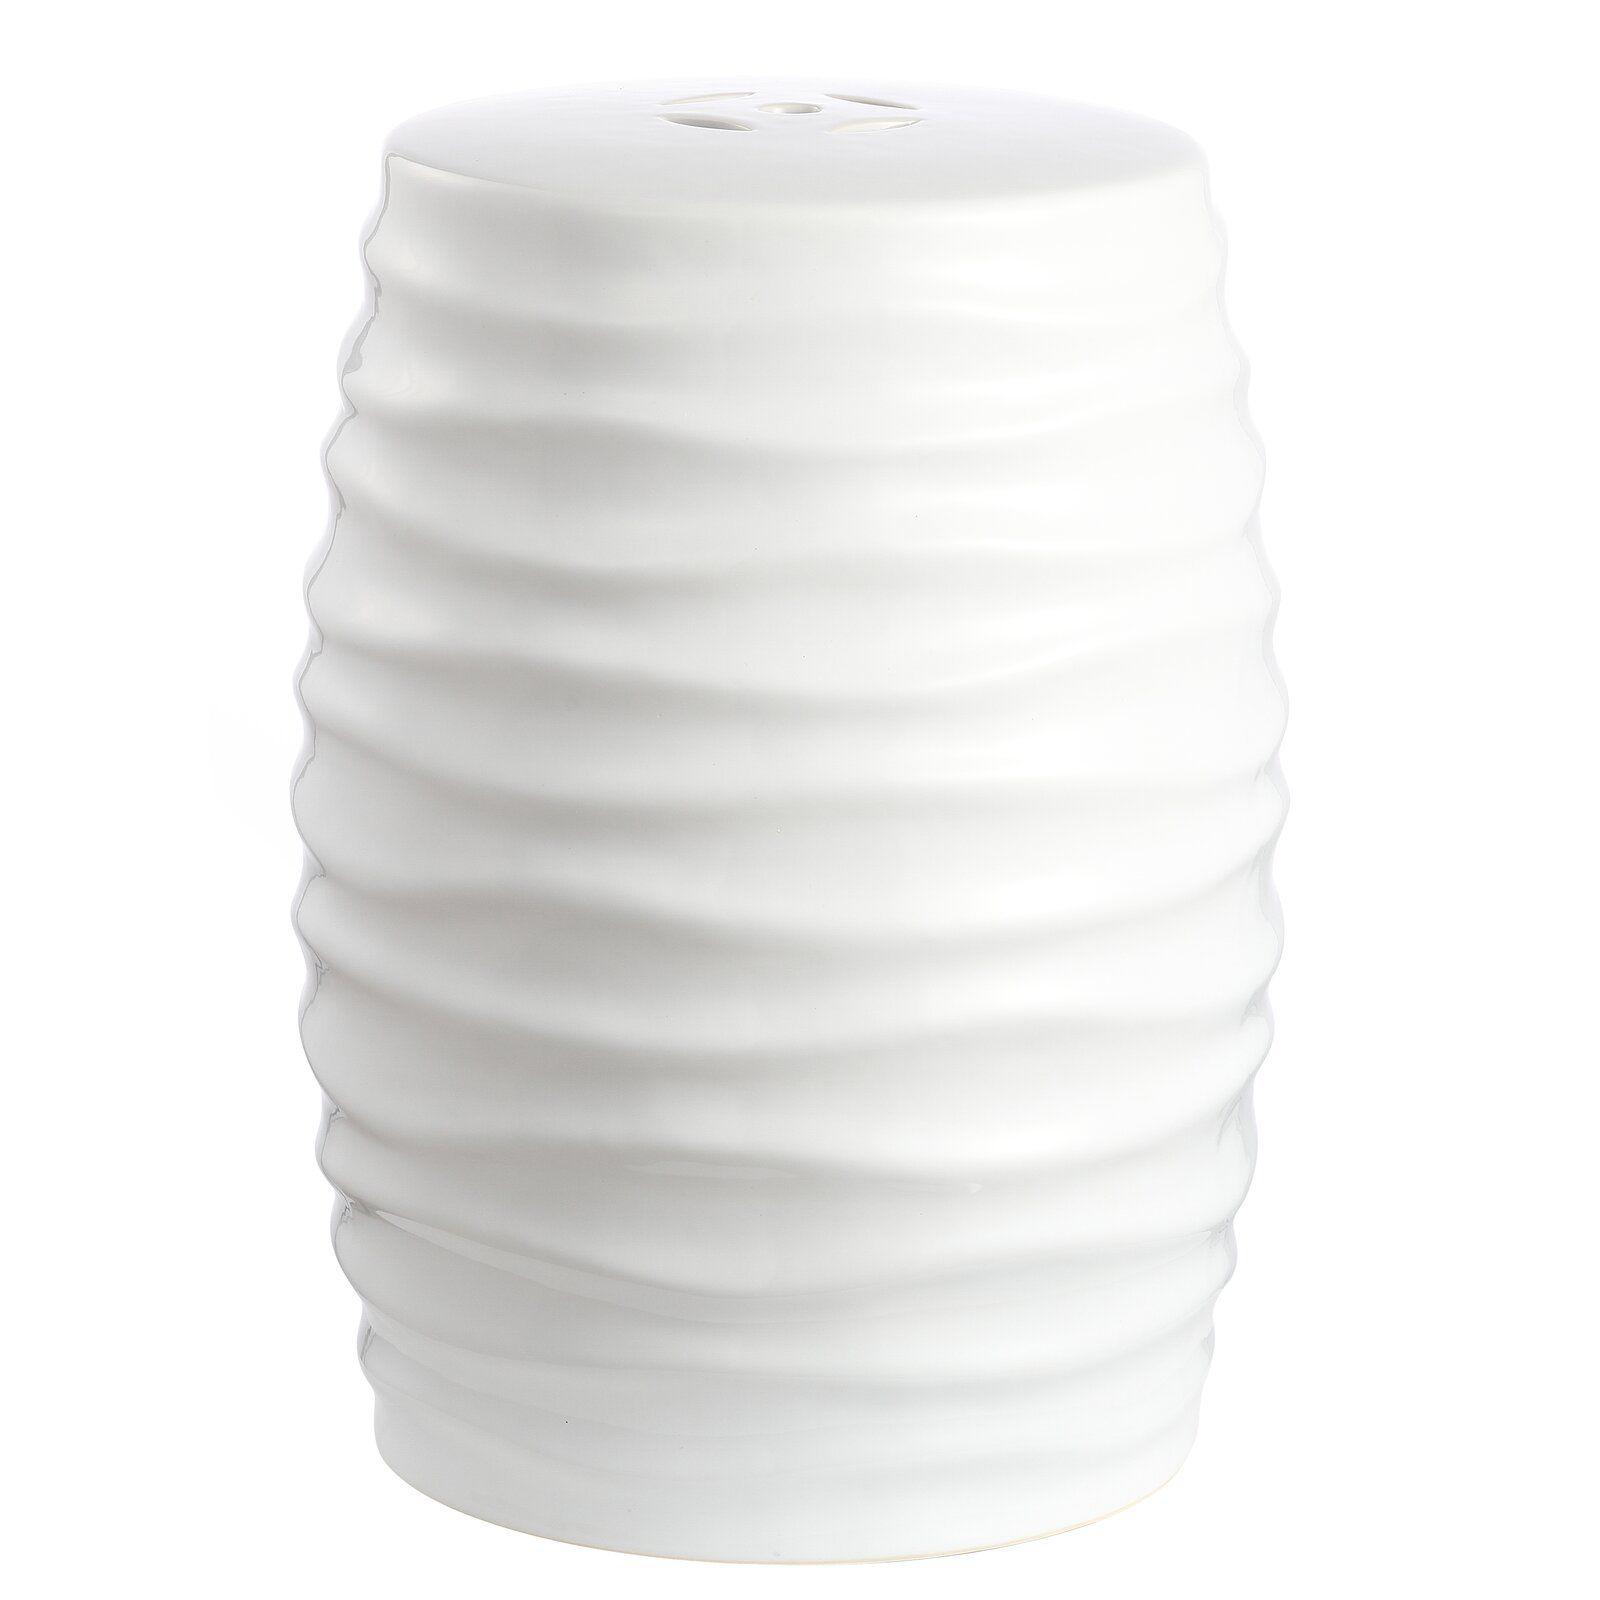 White Studebaker Ceramic Garden Stool